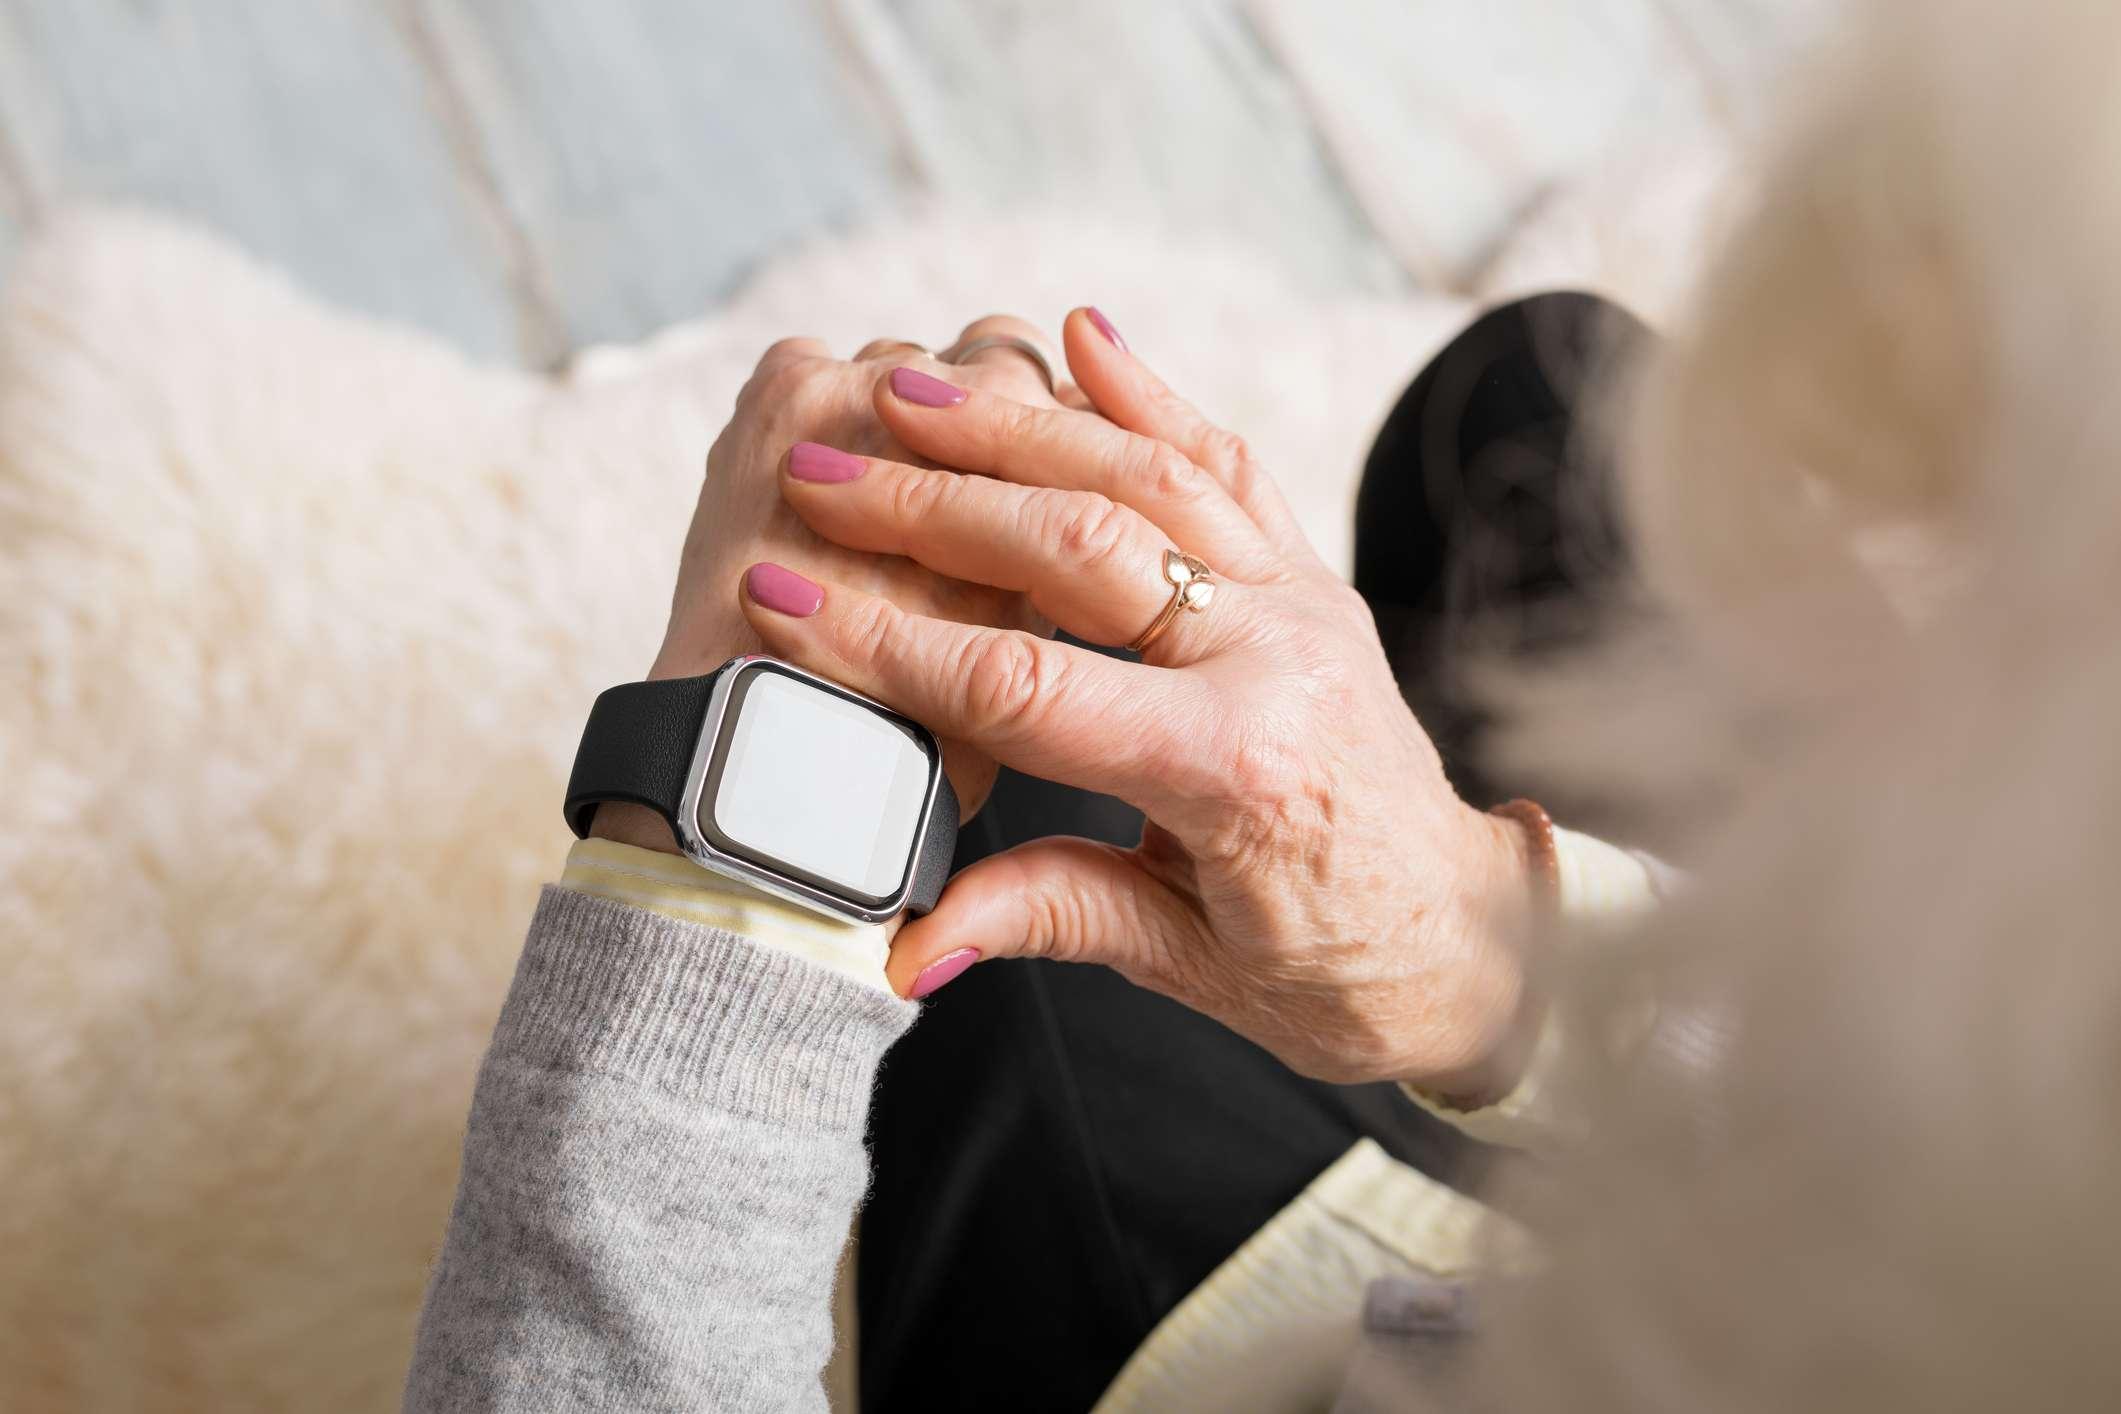 Apple watch on elderly woman's wrist